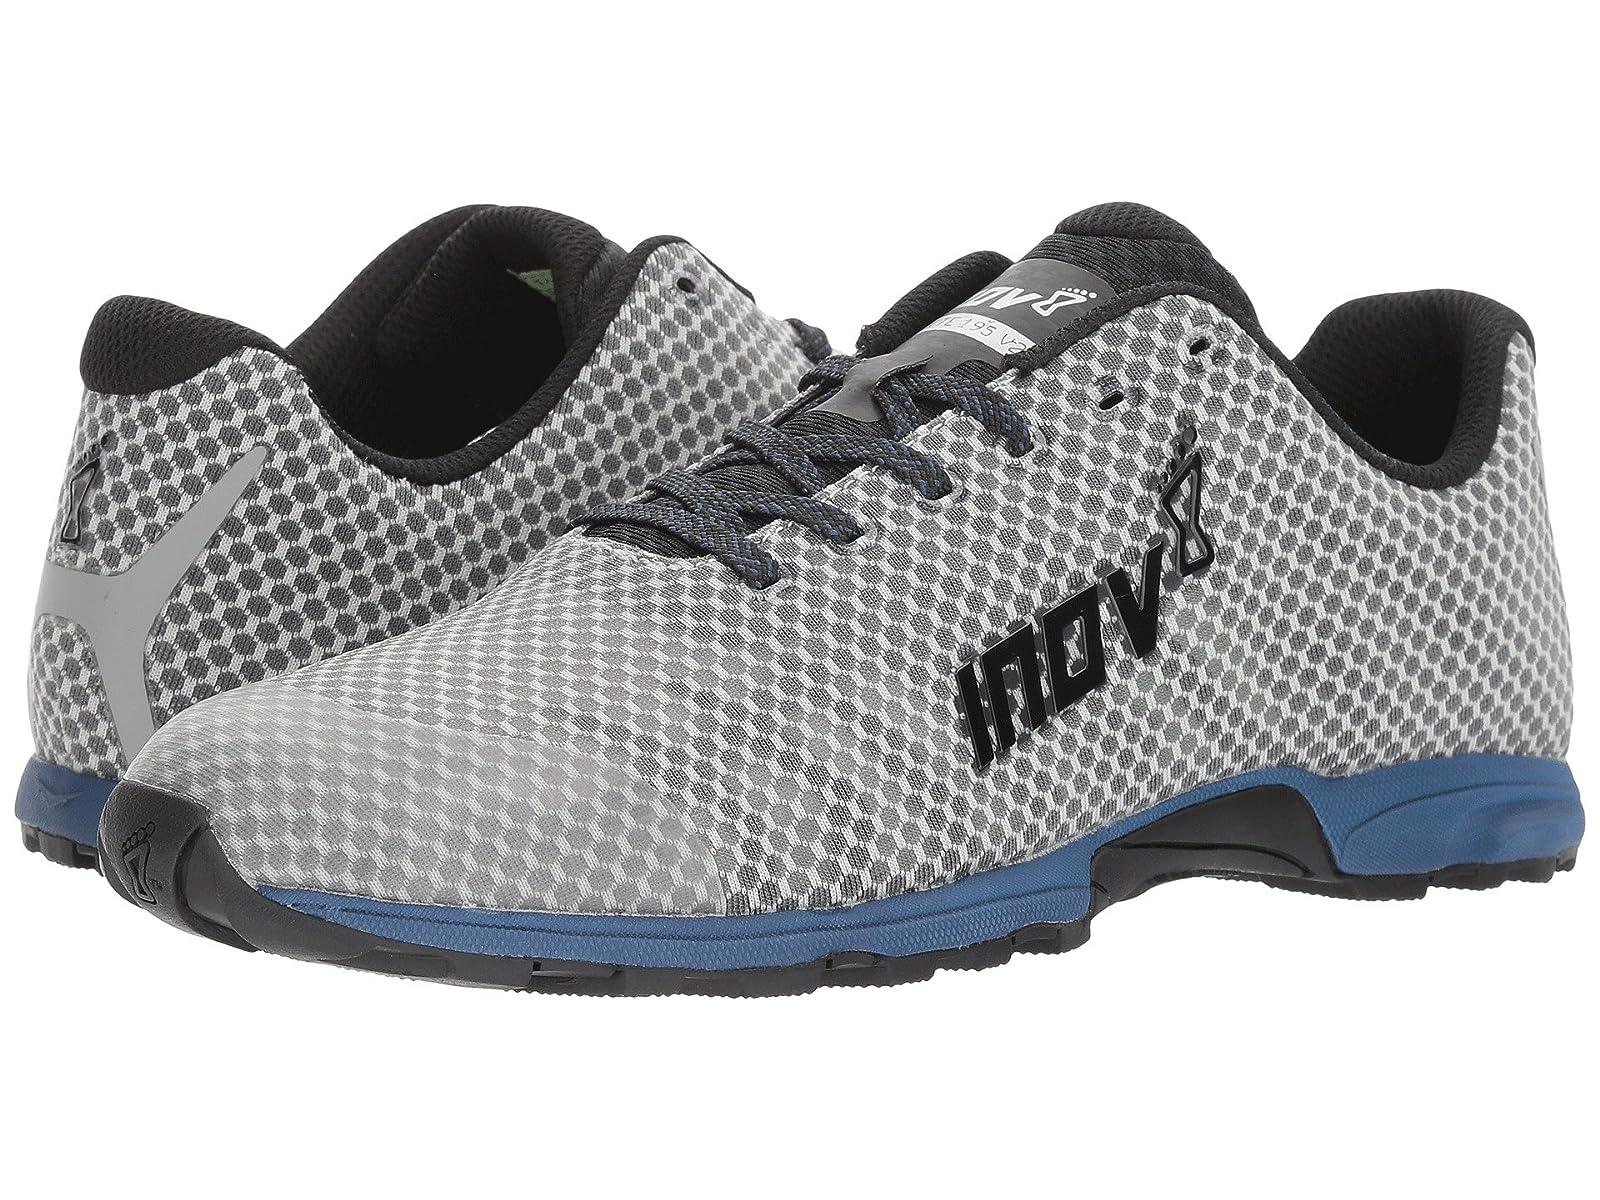 inov-8 F-Lite 195 V2Atmospheric grades have affordable shoes